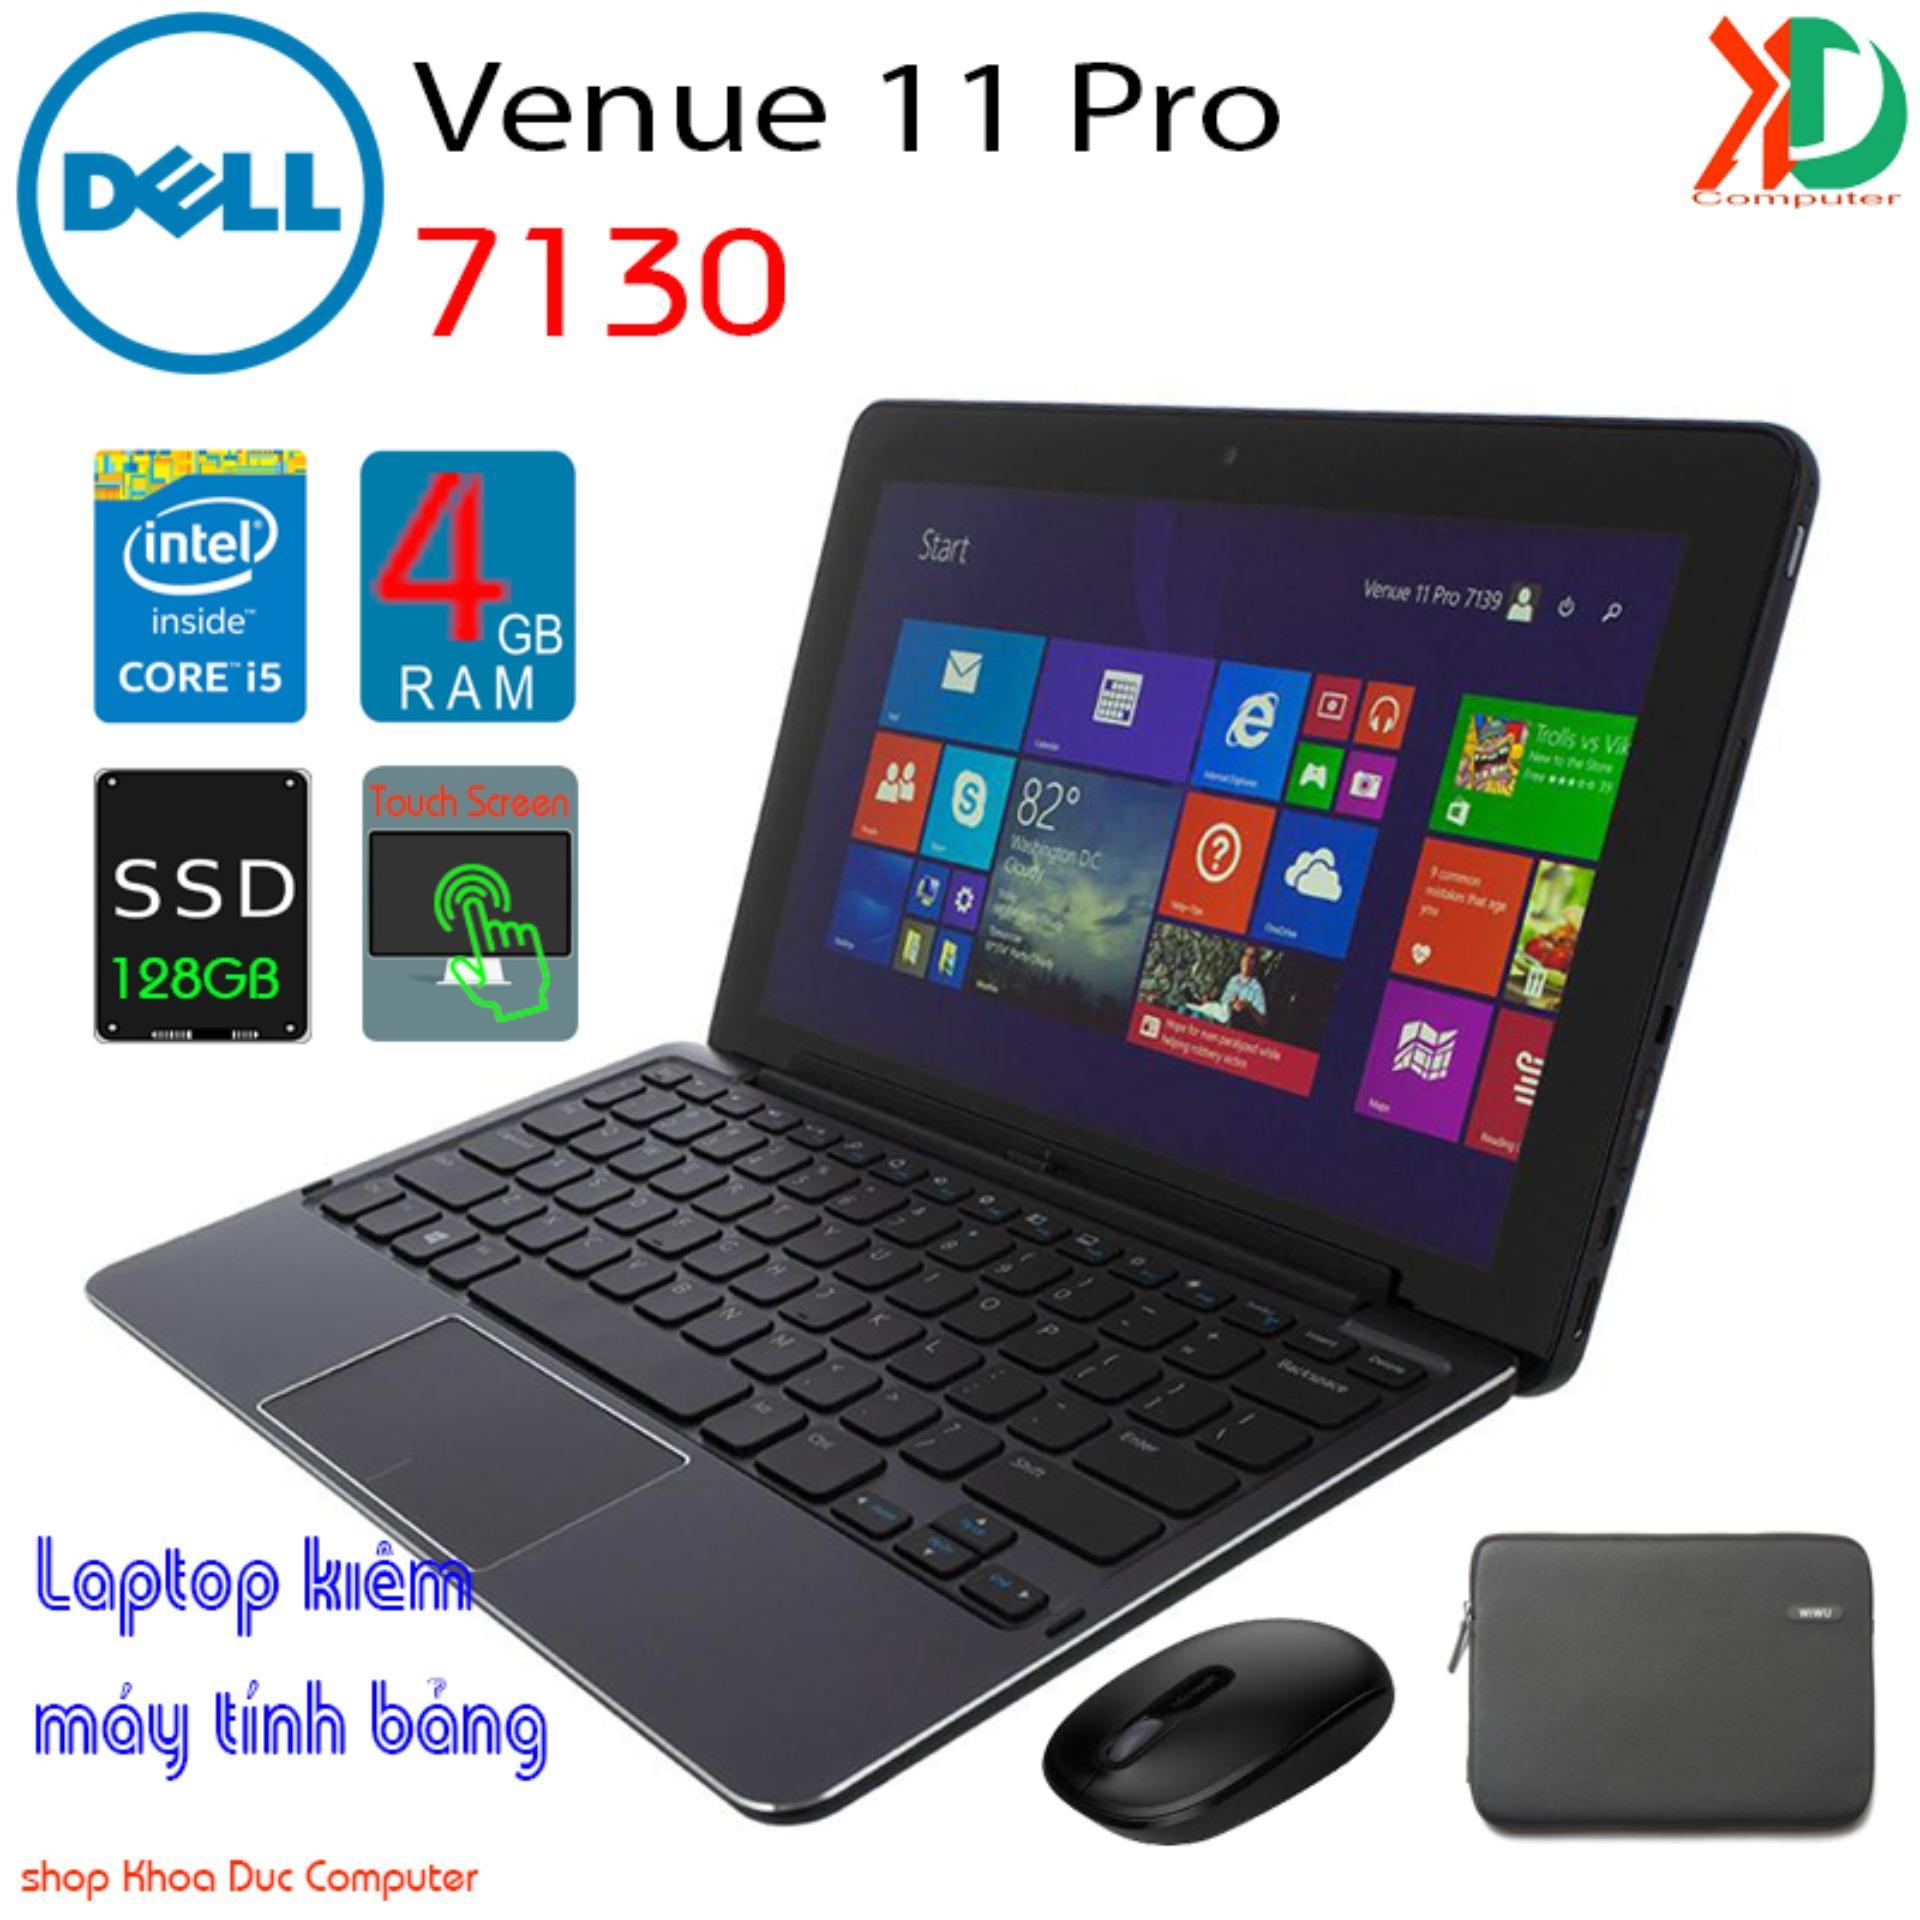 Coupon Ưu Đãi Laptop Kiêm Máy Tính Bảng Dell Venue 11 Pro-7130 Core I5-4300Y, 4gb Ram, 128gb SSD, Màn Hình Cảm ứng Full HD 11inch